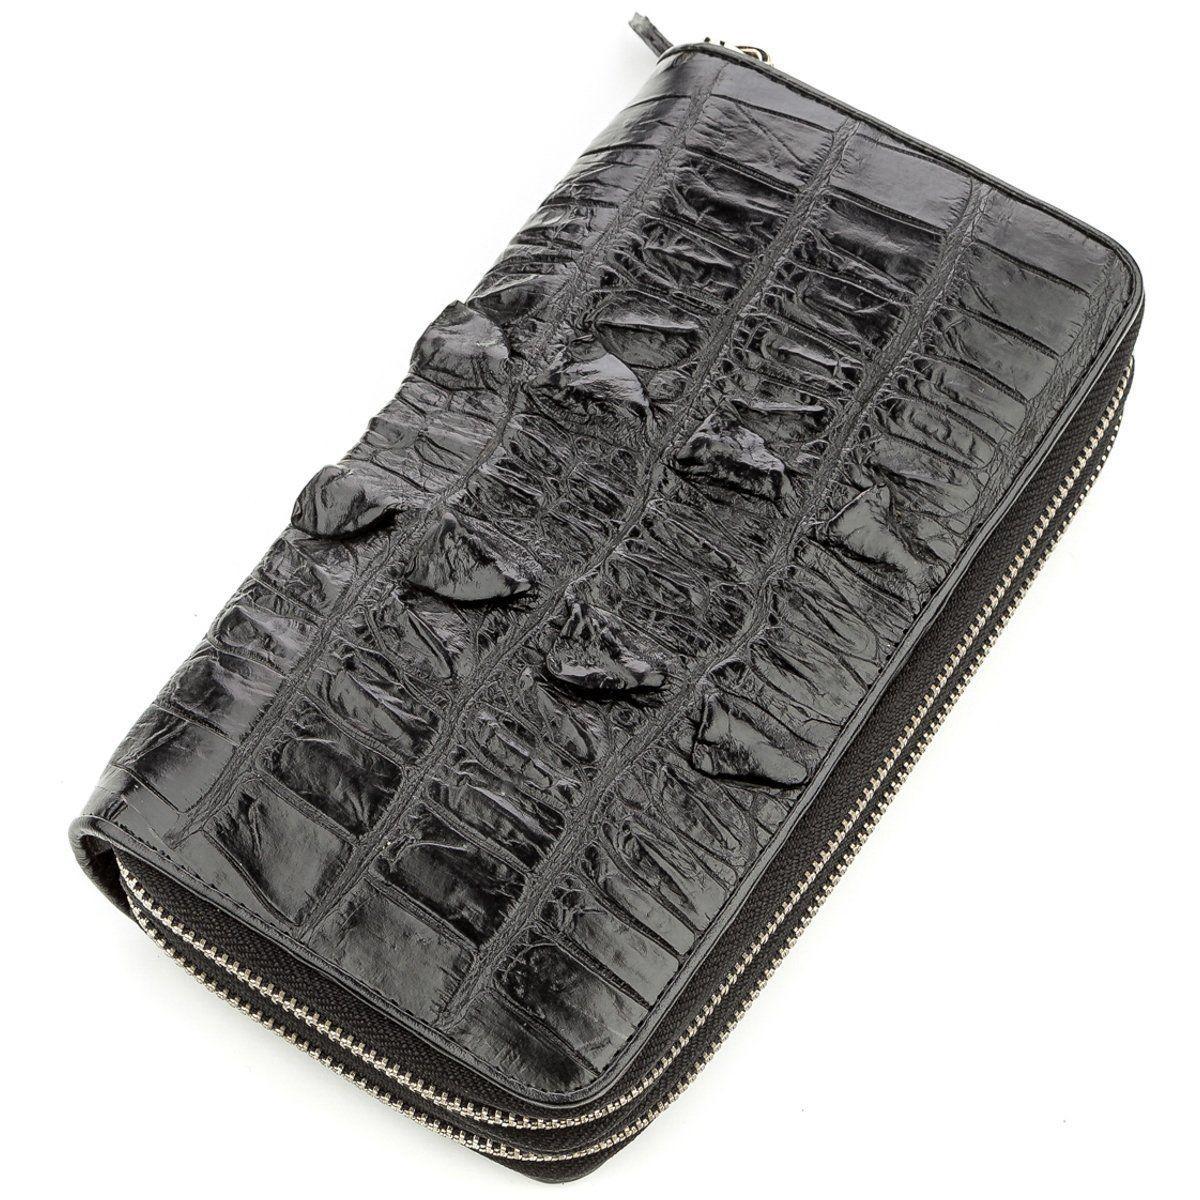 Клатч чоловічий CROCODILE LEATHER 18570 з натуральної шкіри крокодила Чорний, Чорний